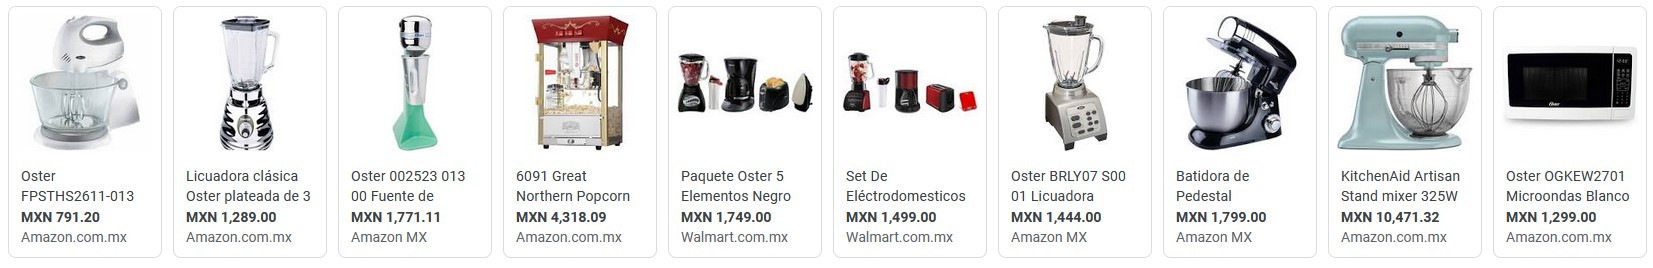 La+tienda+de+electrodom%C3%A9sticos+y+aparatos+electr%C3%B3nicos.jpg